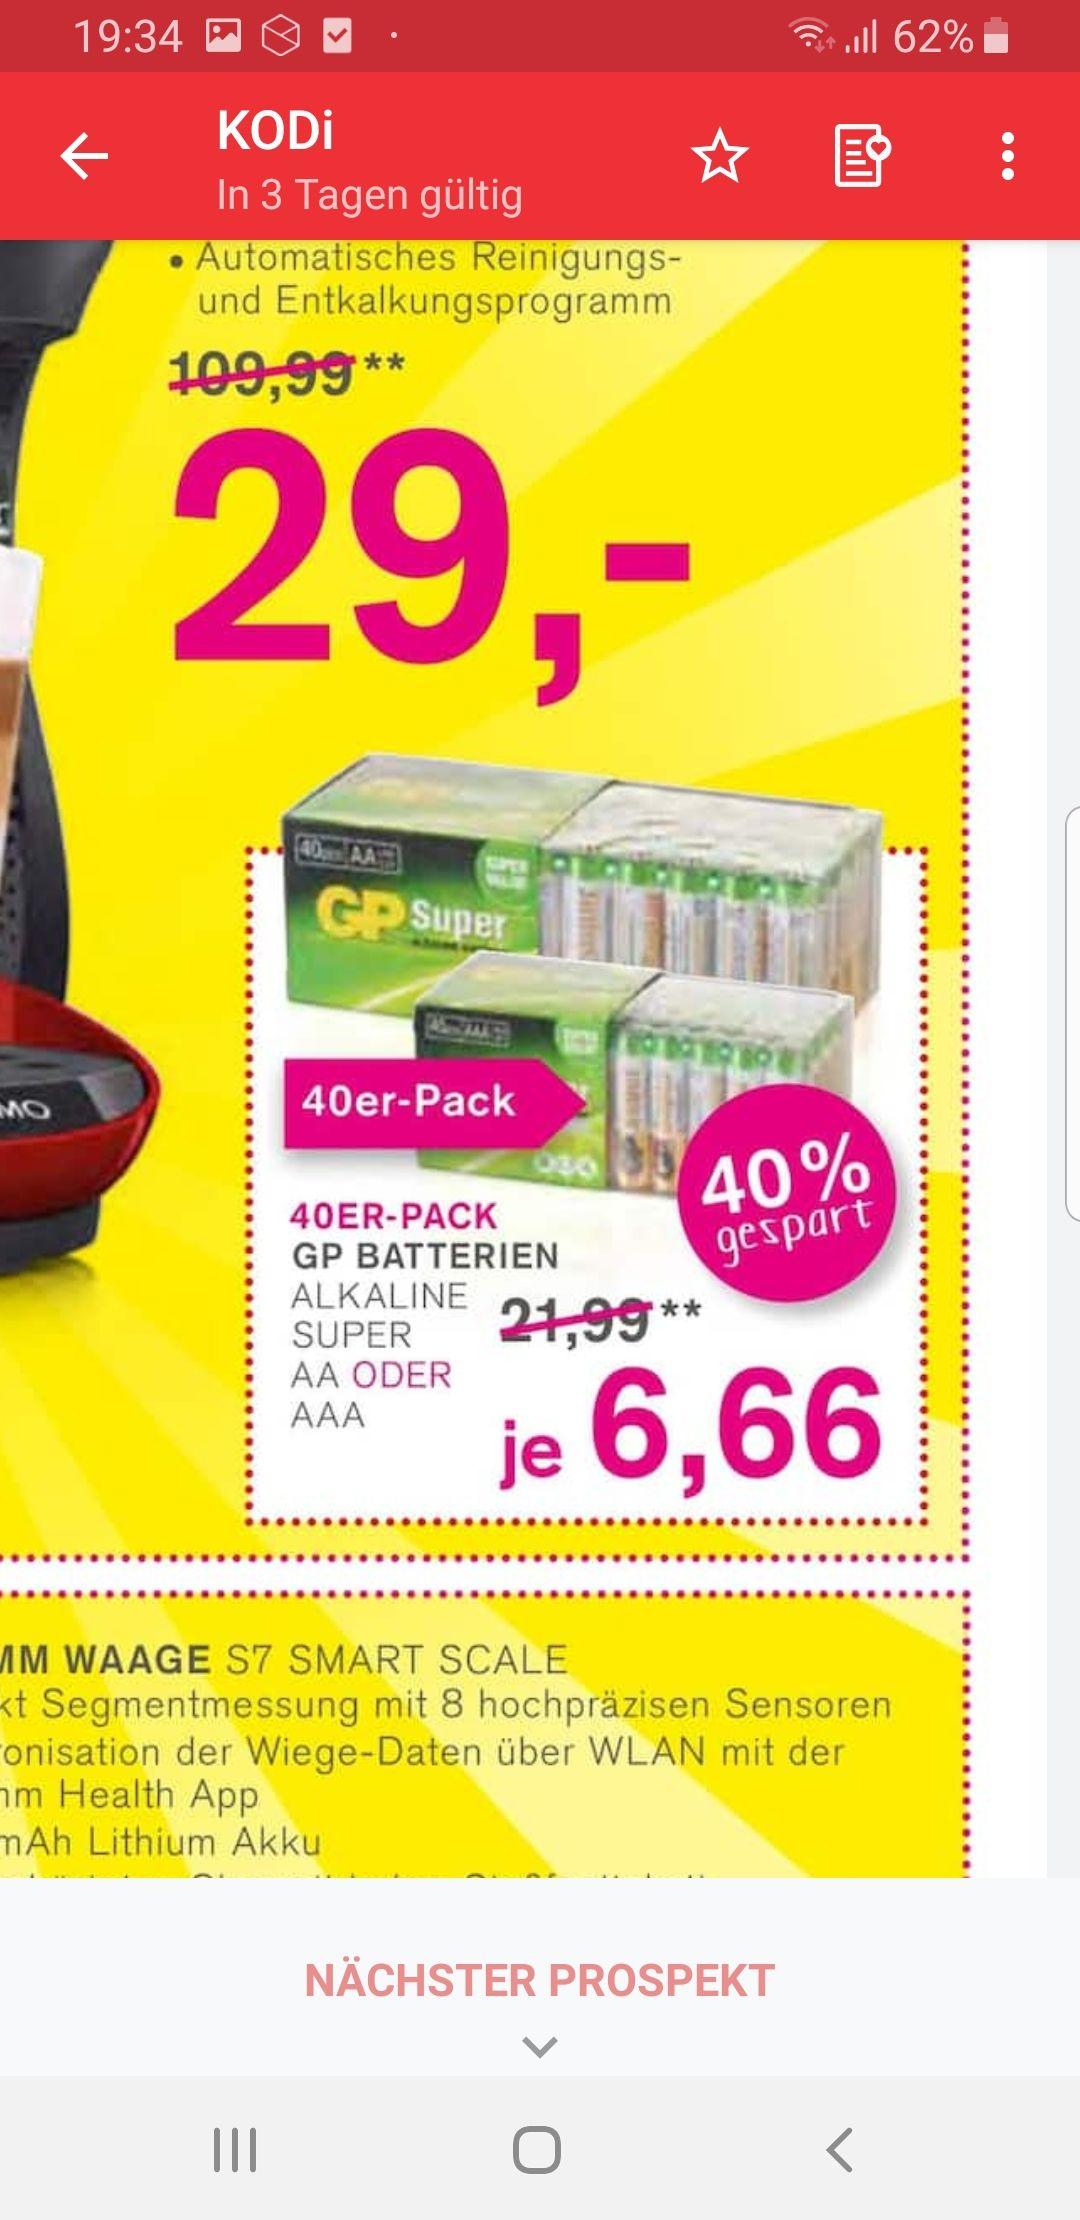 GP Super Alkaline Batteriepack 40 Stück AA  oder AAA bei Kodi am 4 & 5 Oktober